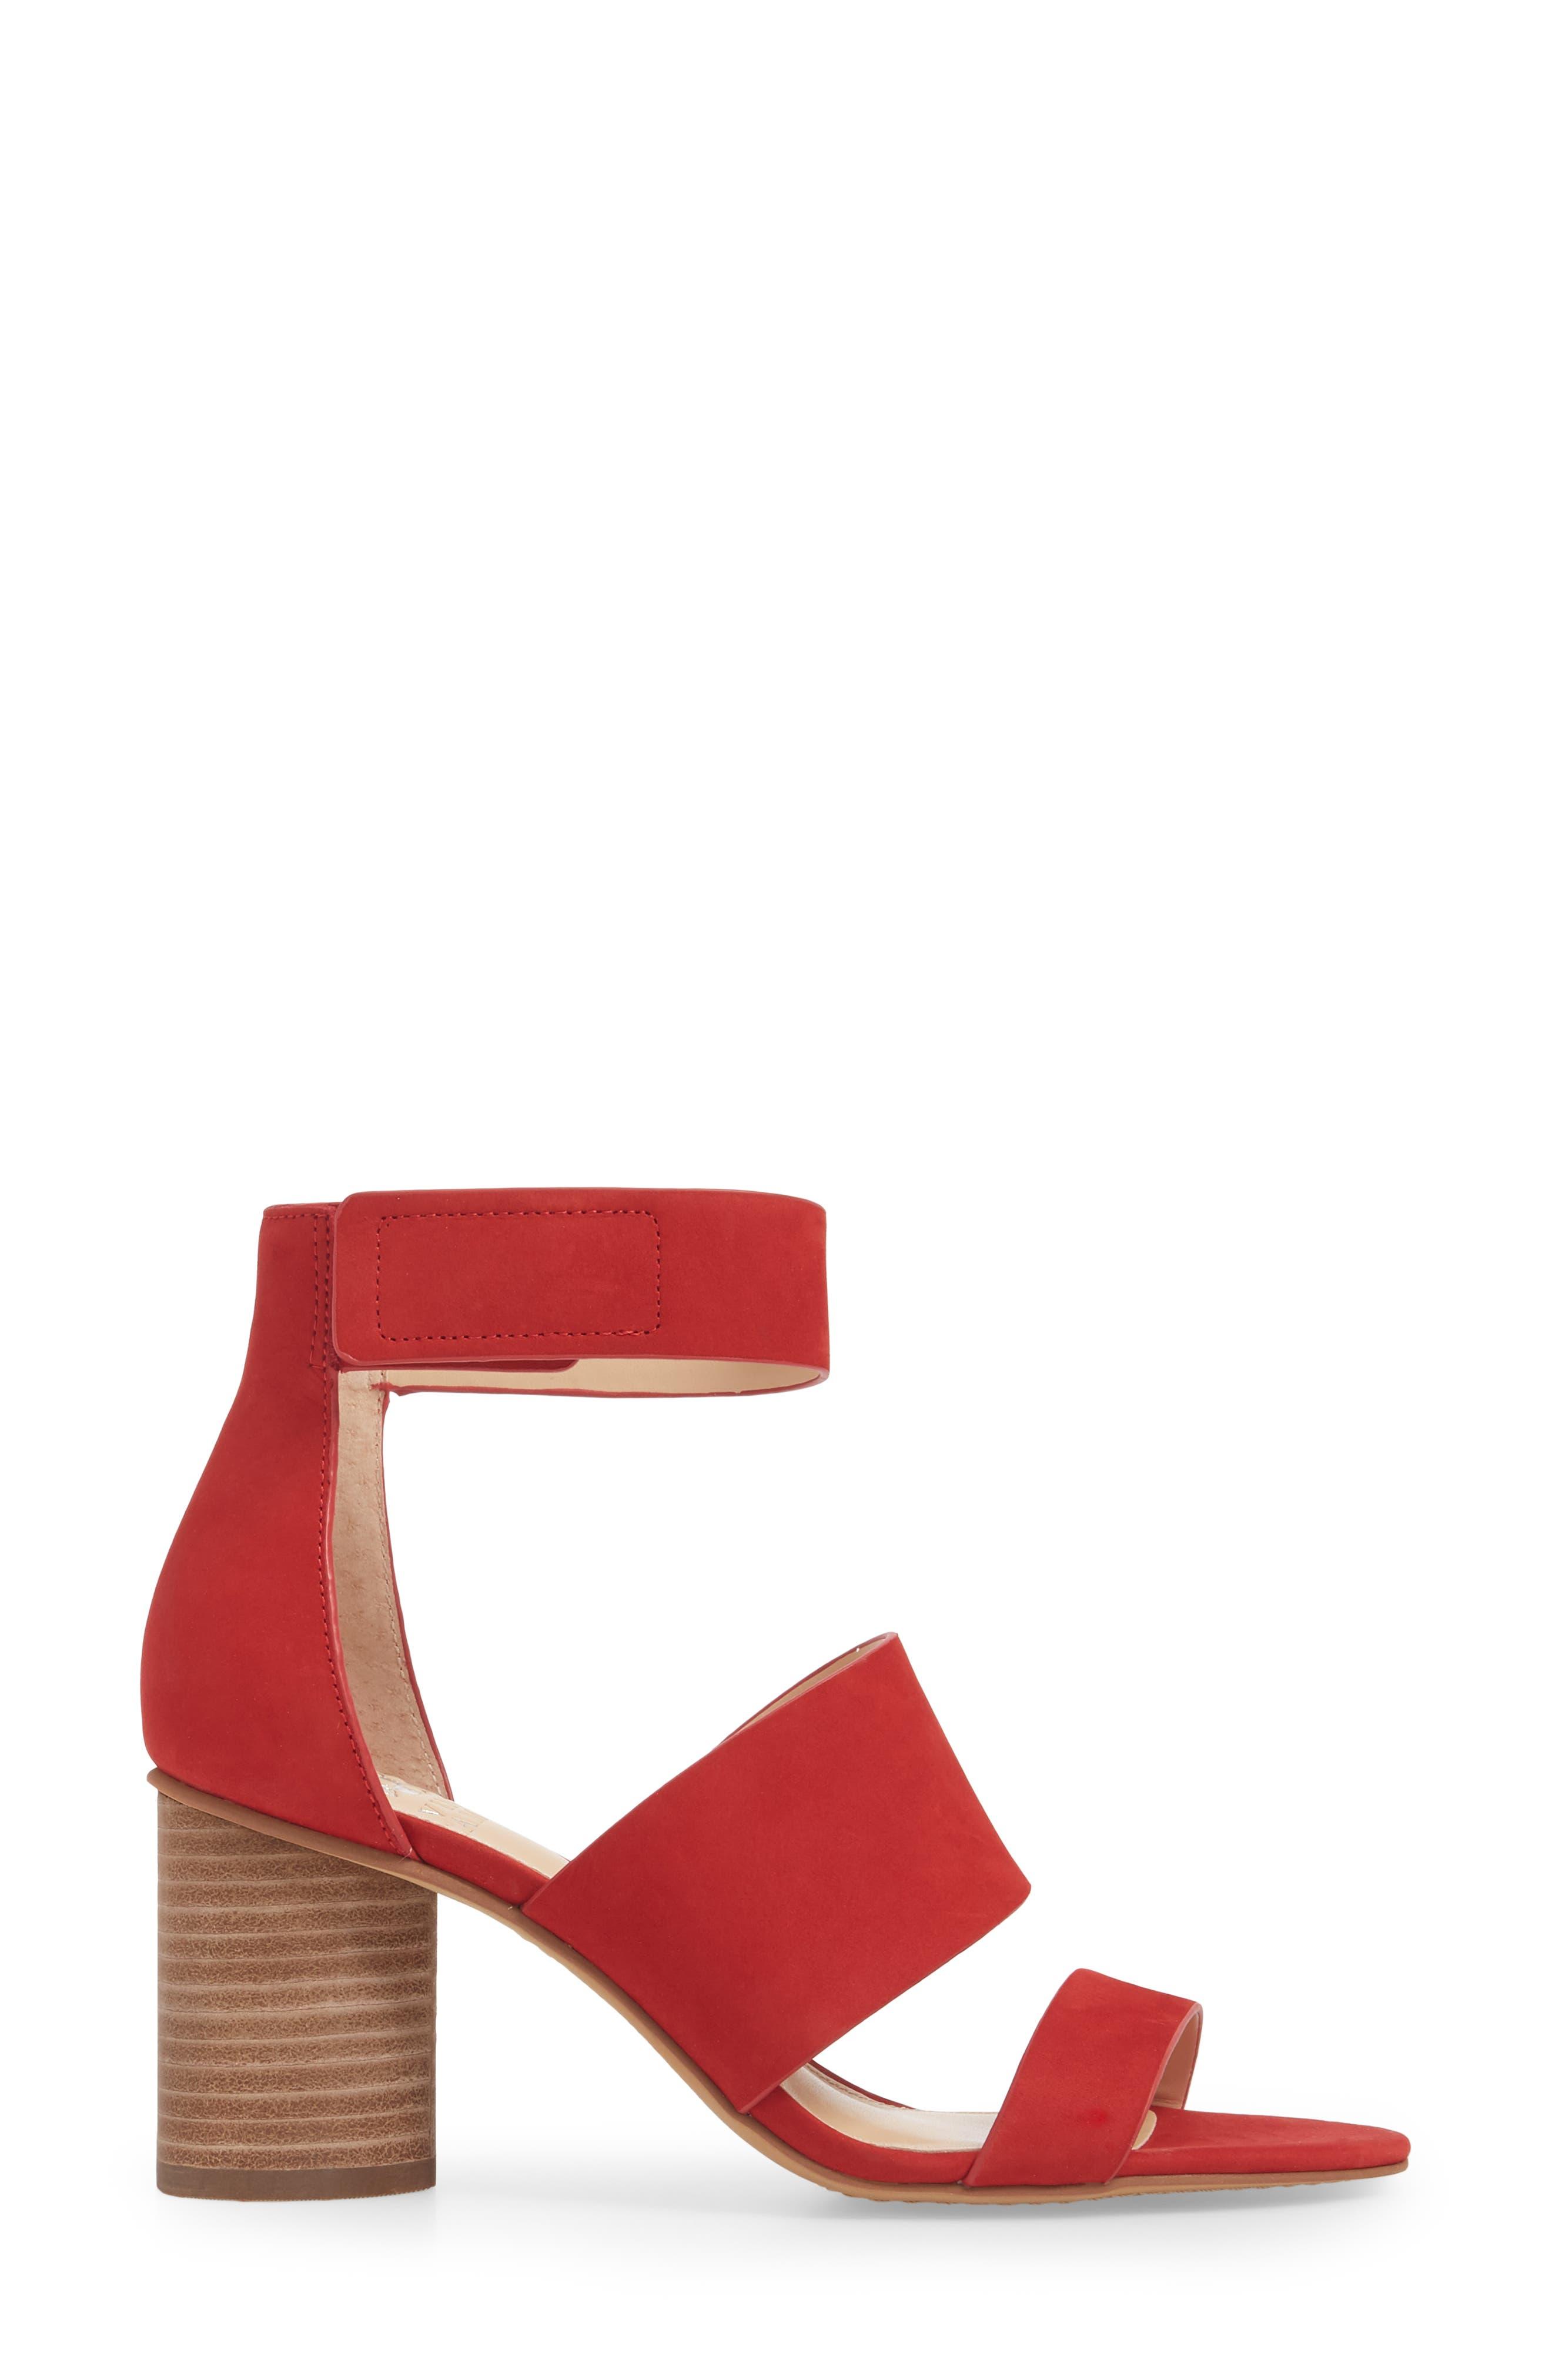 Junette Sandal,                             Alternate thumbnail 3, color,                             Cherry Red Leather